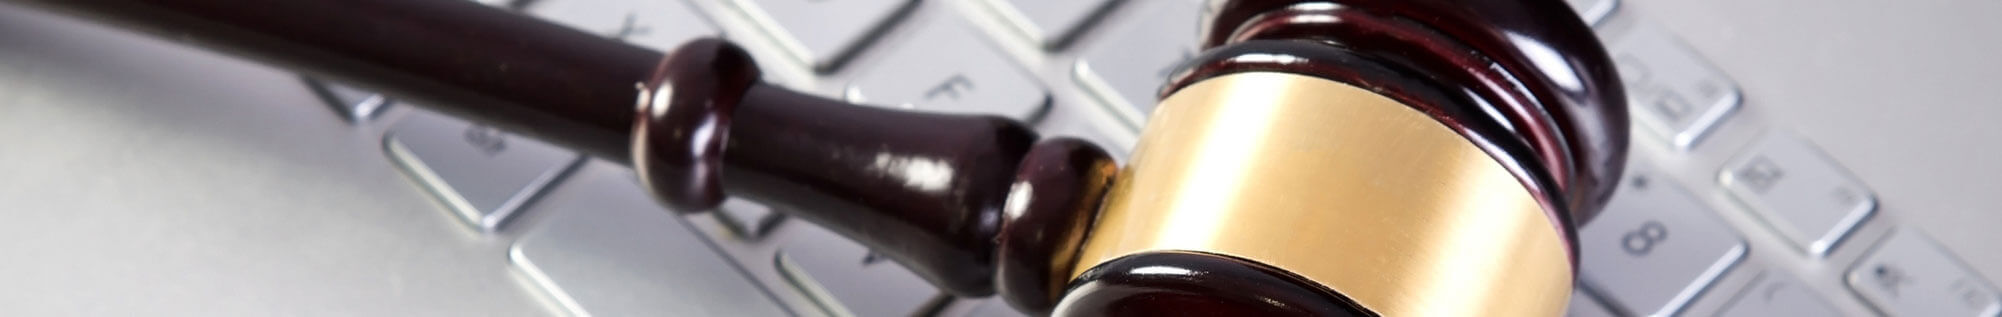 internet law - gavel on a keyboard